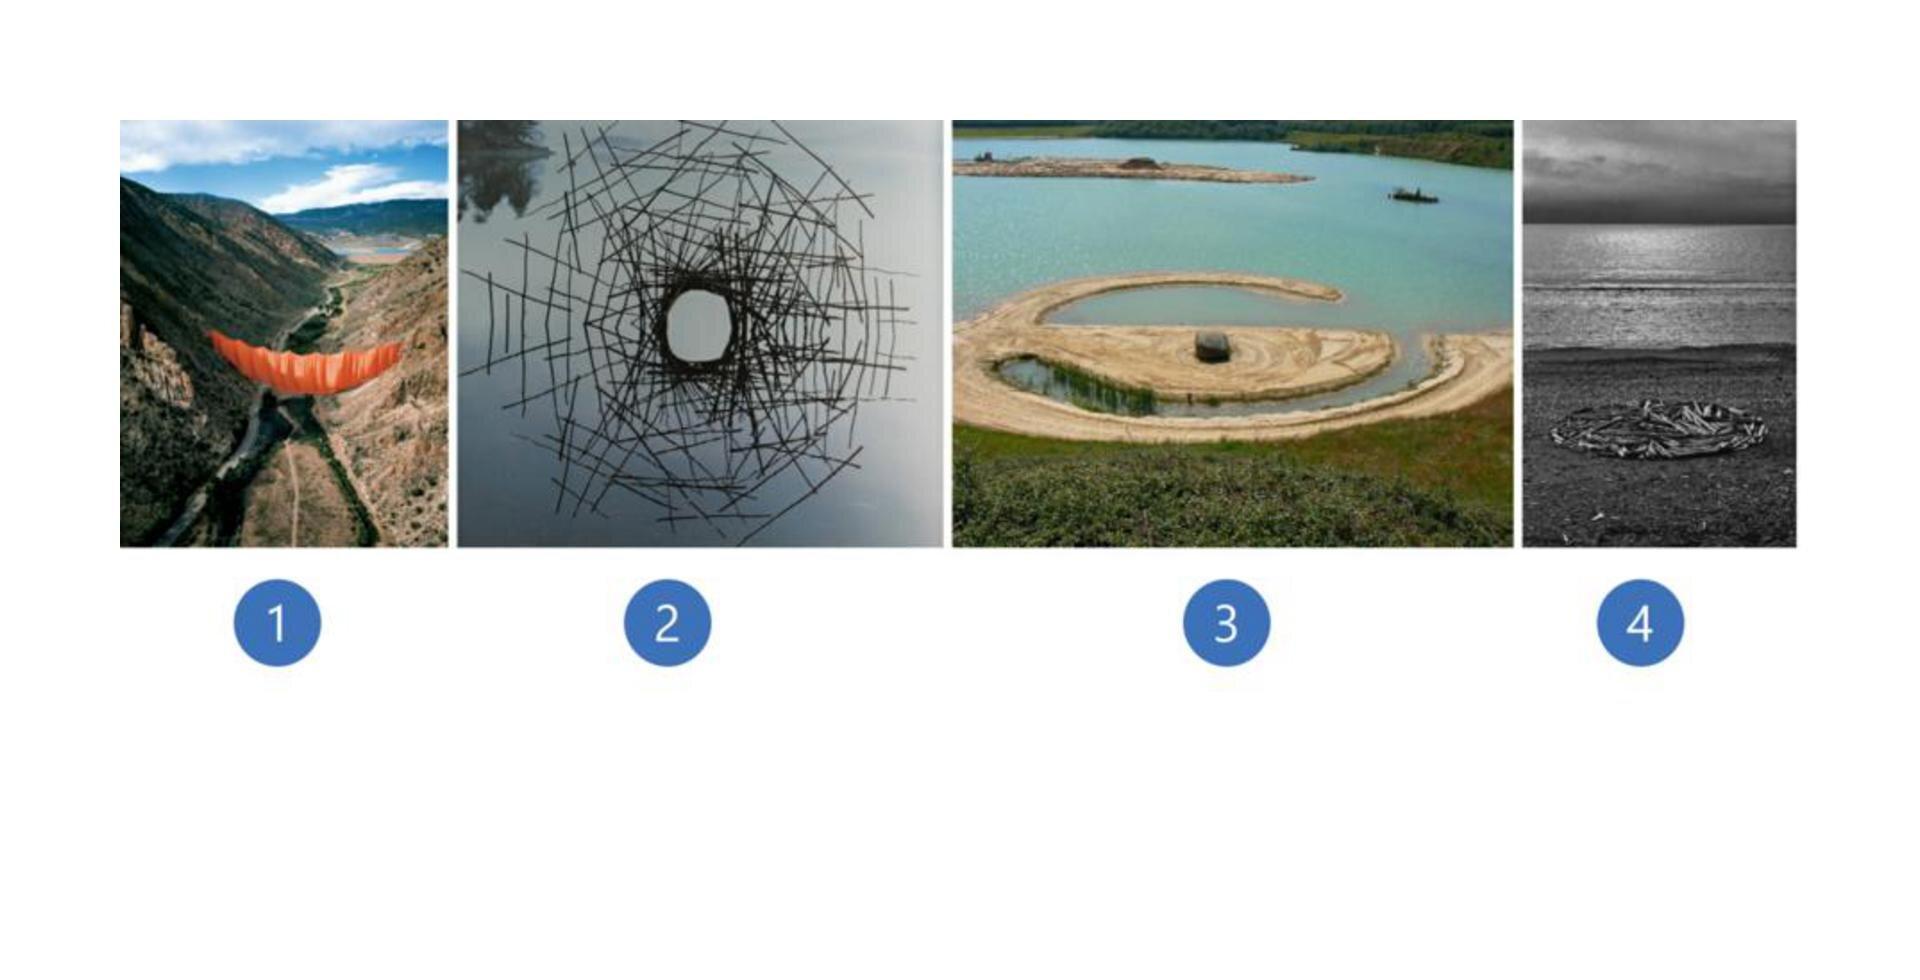 Wzadaniu wykorzystano dzieła, które przedstawiają: - czerwony materiał zawieszony pomiędzy dwoma zboczami wzgórz; - budowlę, zpatyków, która znajduje się nad taflą zbiornika wodnego; - złamany okrąg. Znajduje się on na jeziorze ijest zbudowany zpiachu; - okrąg zbudowany zkamieni ipatyków.